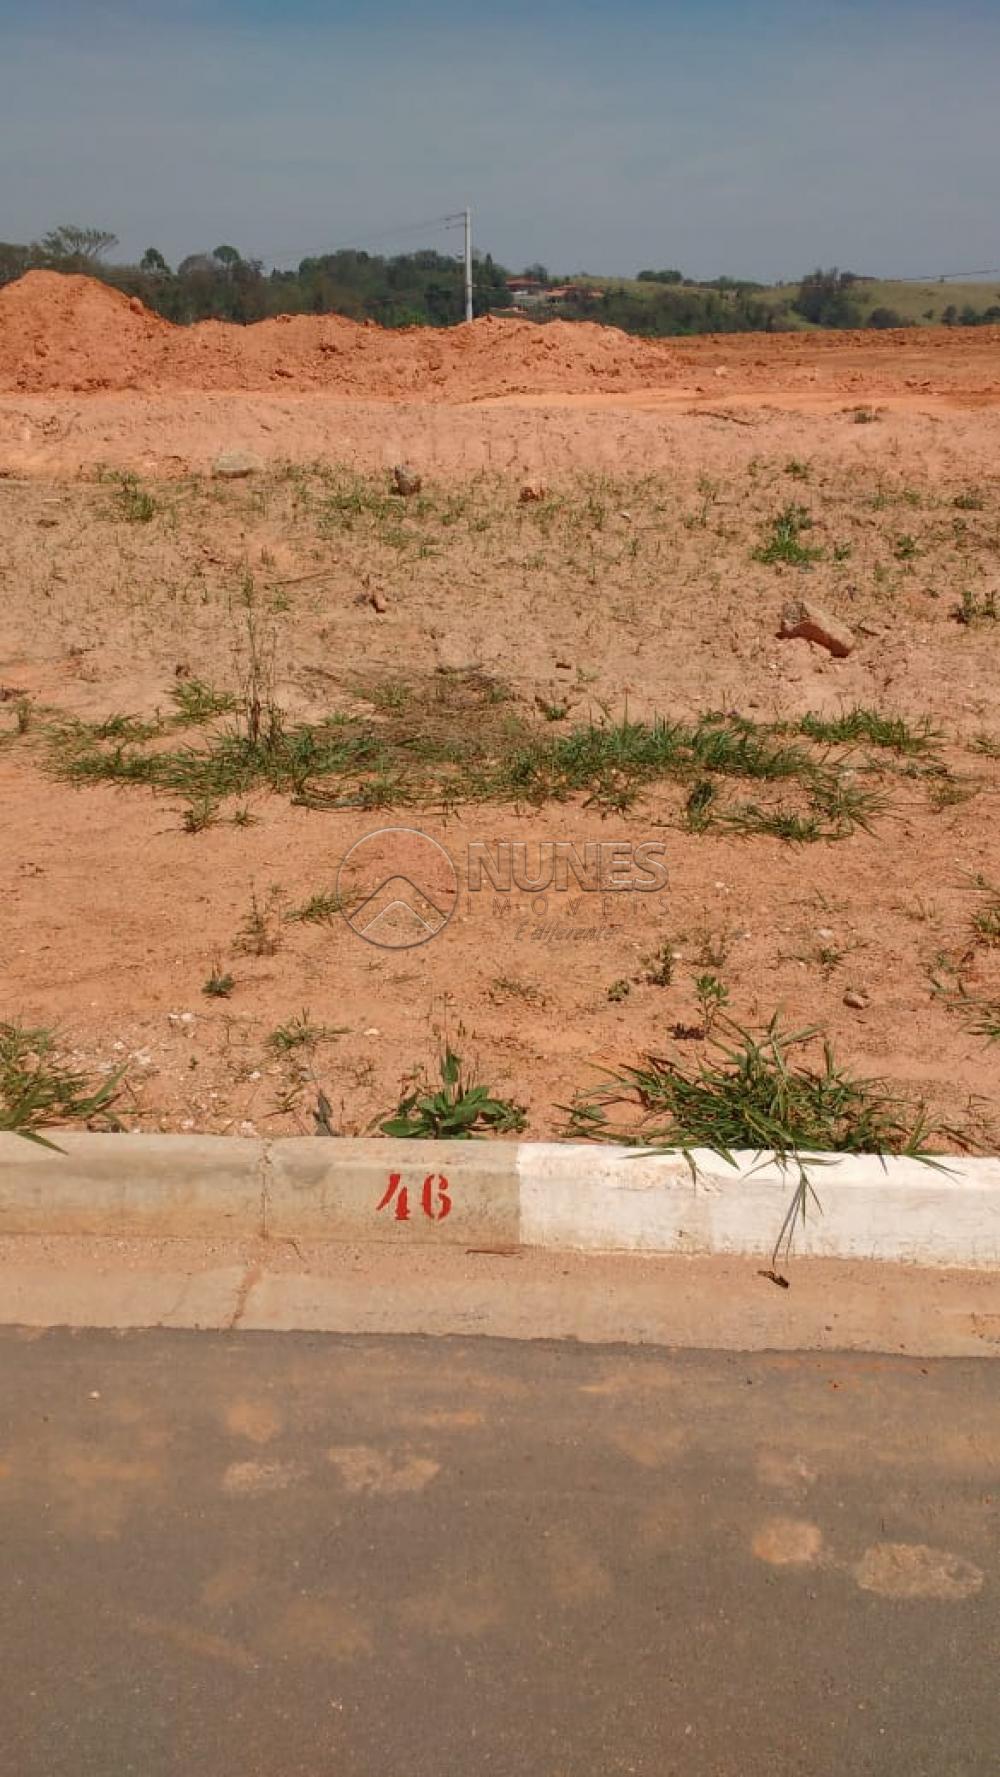 Comprar Terreno / Terreno em Araçariguama apenas R$ 75.000,00 - Foto 1